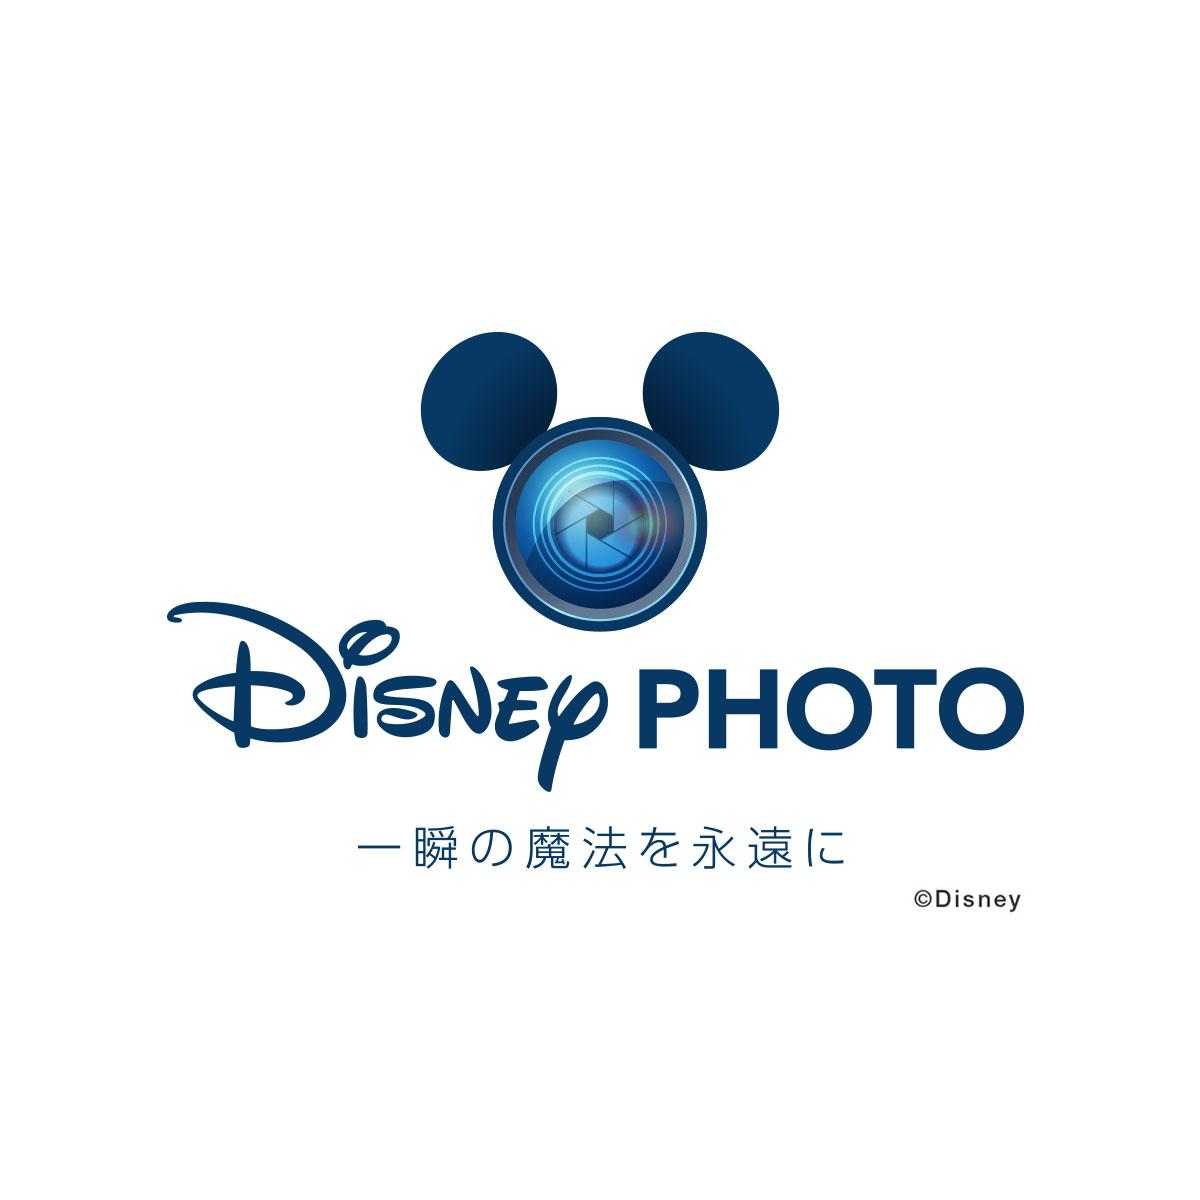 ダウンロード 静止画 ディズニー フォトのウェブサイト